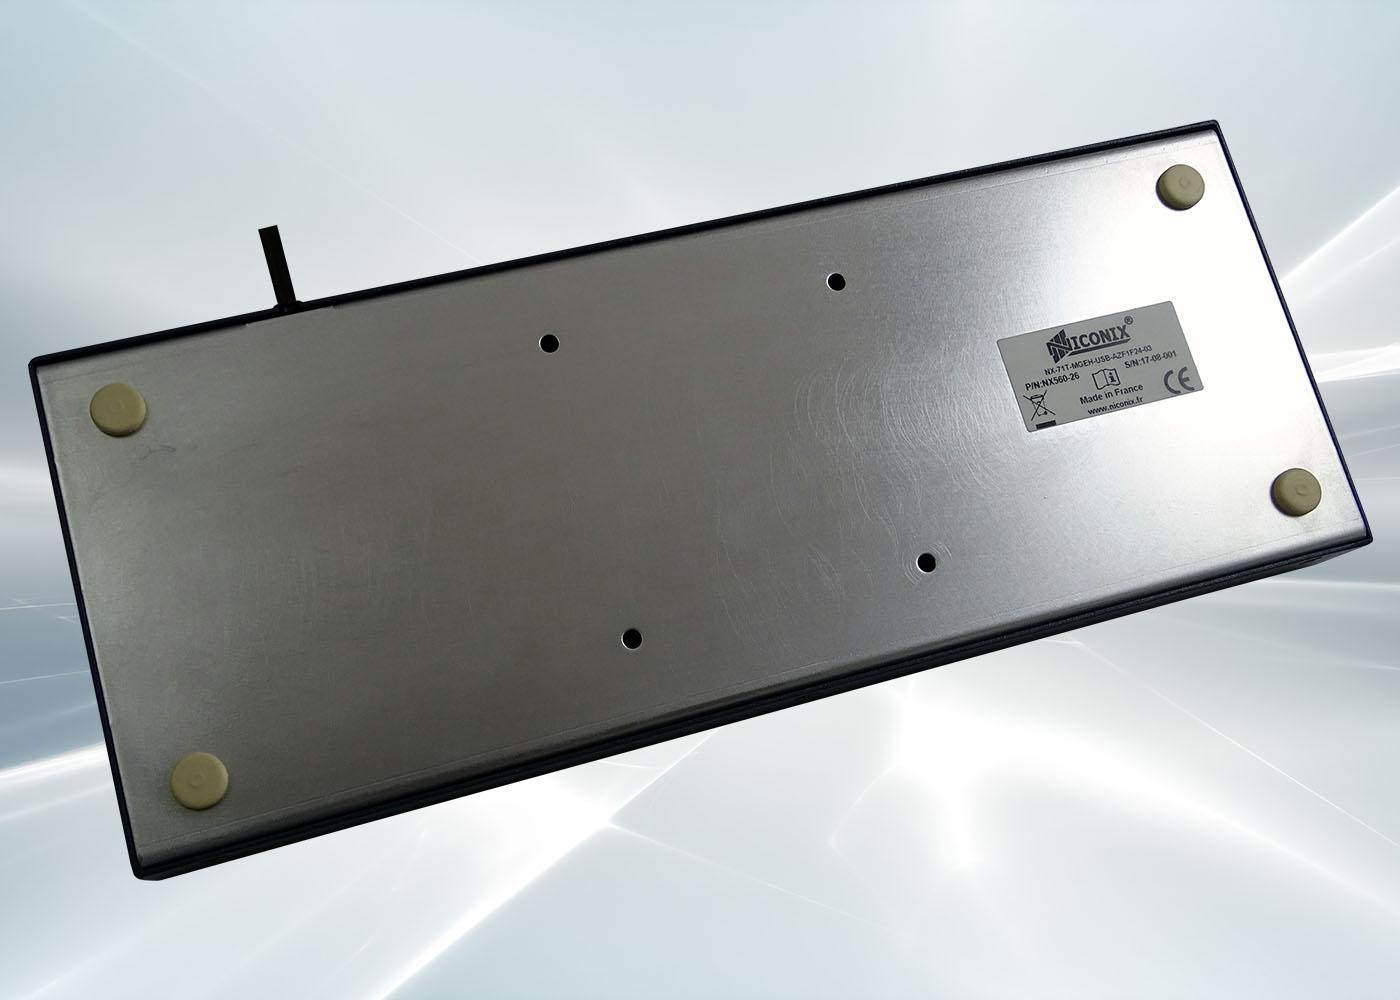 Clavier industriel 71 touches en boitier métallique de table étanche IP54 – Fixation VESA 75